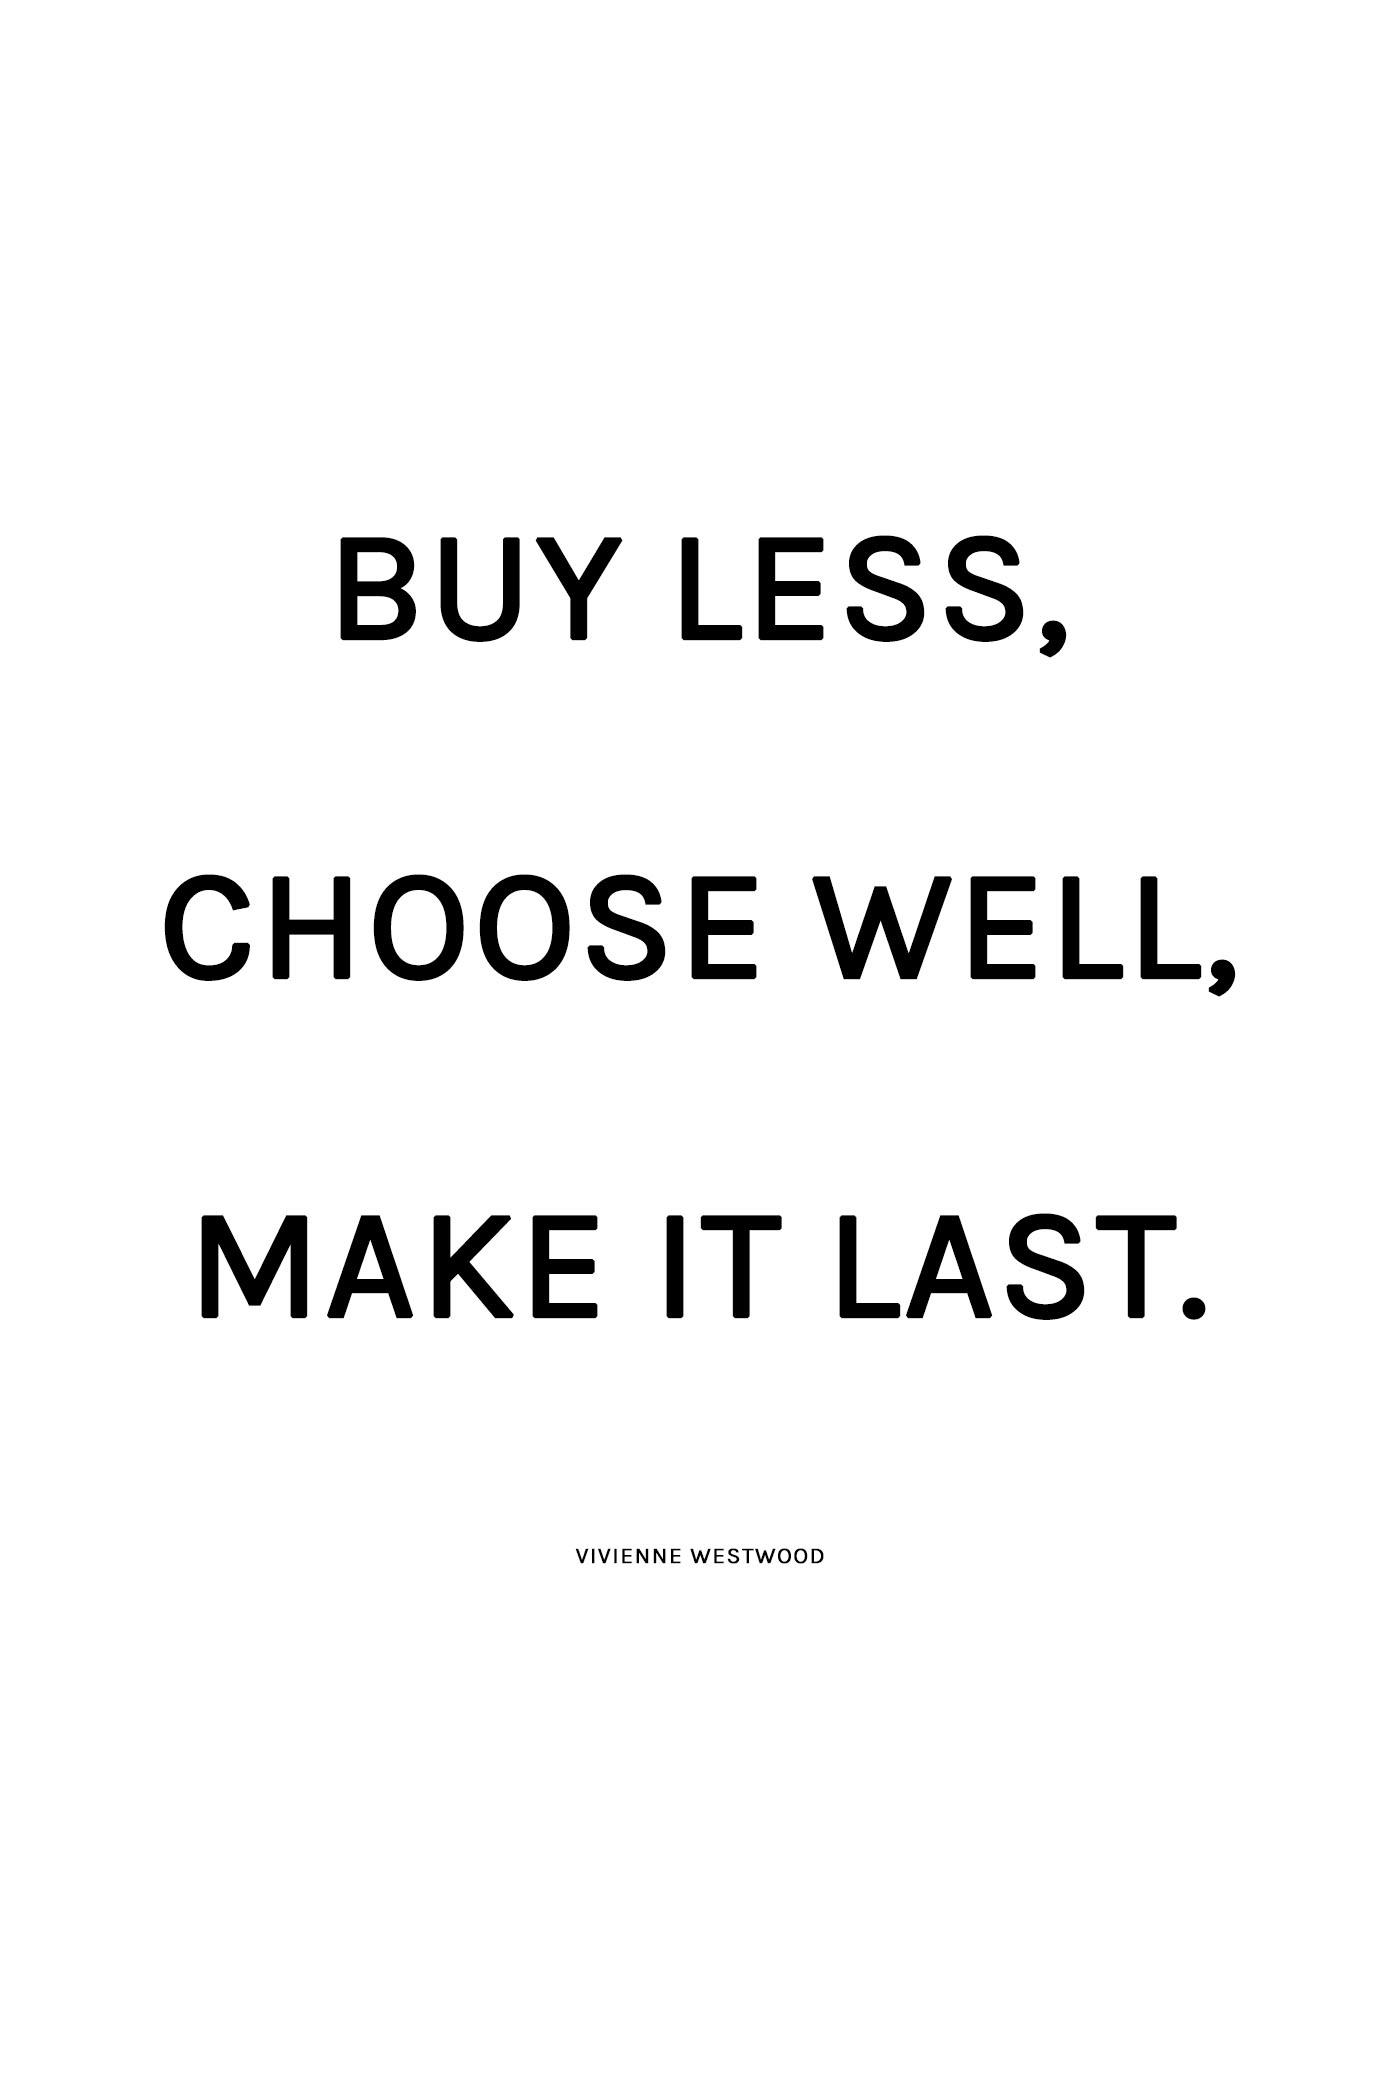 Buy less, choose well, make it last. - Vivienne Westwood